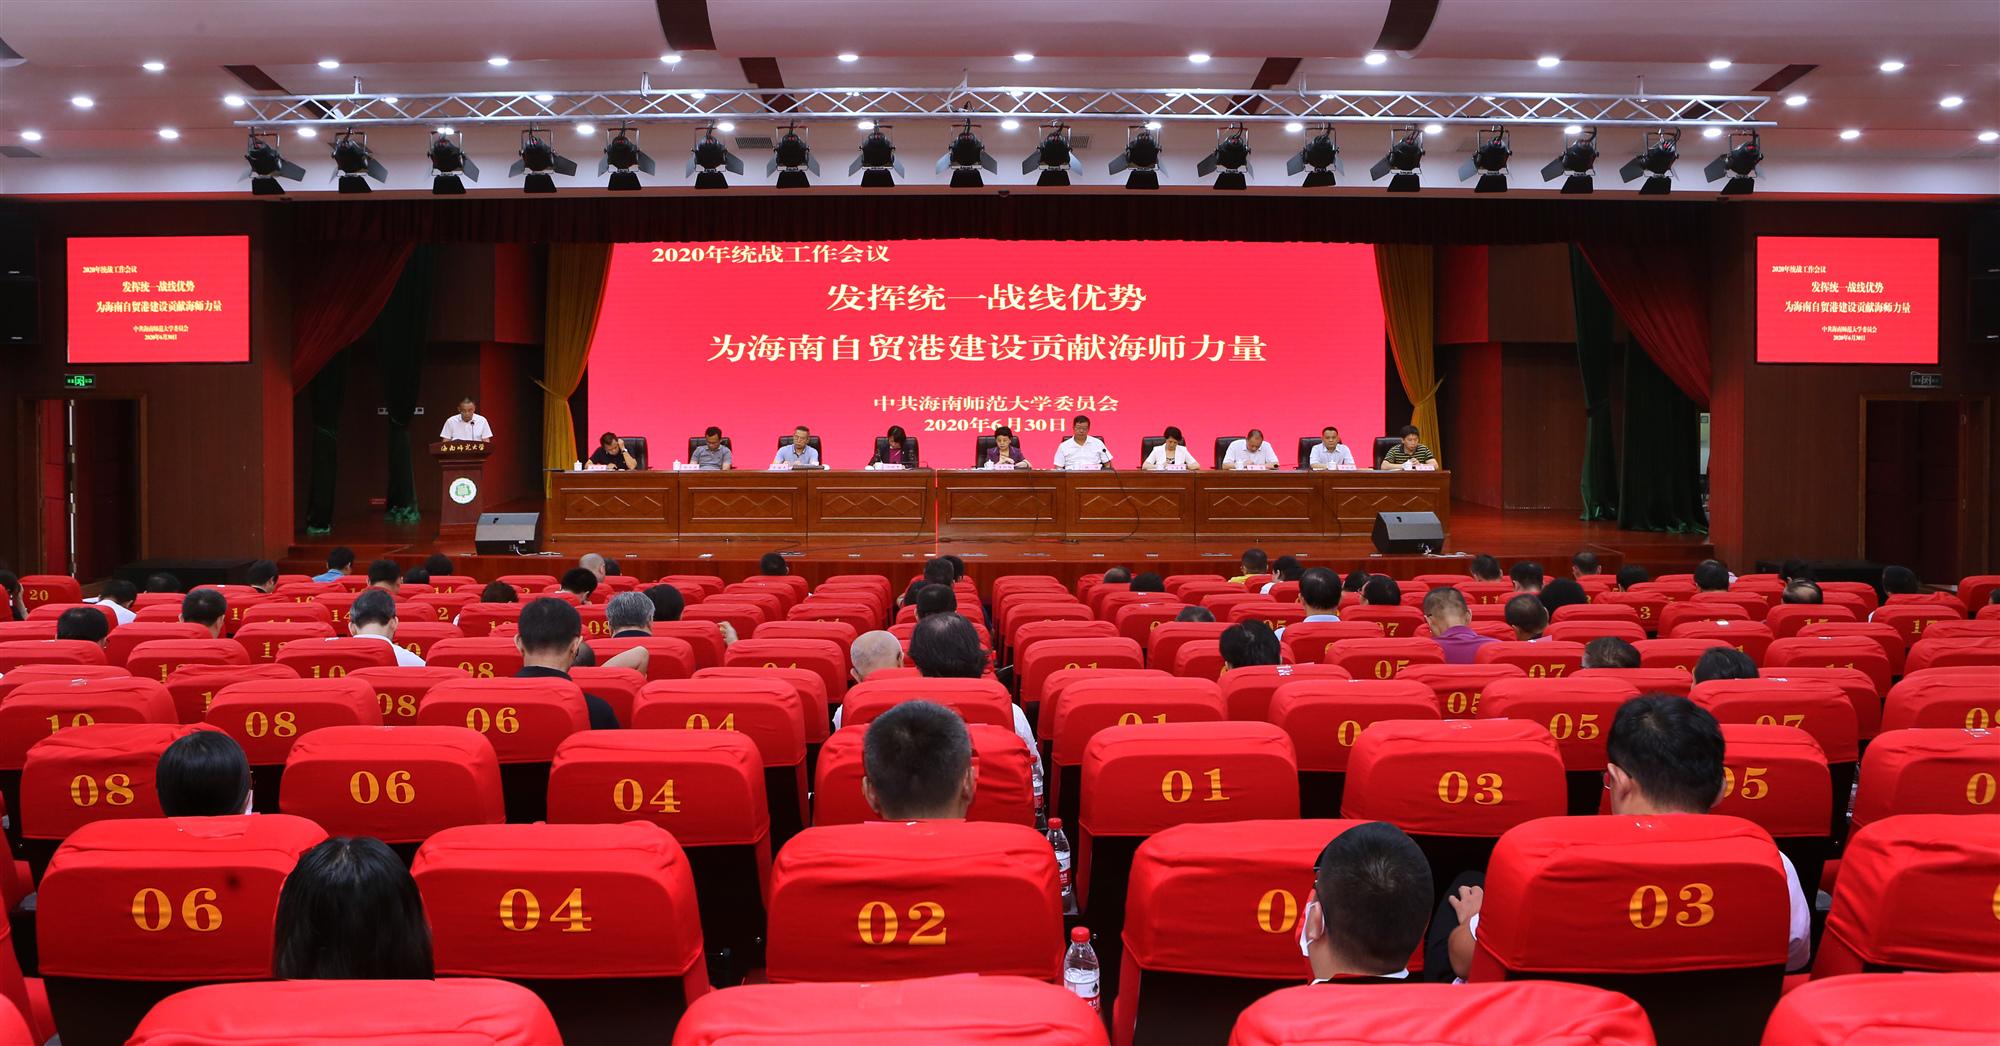 发挥统一战线优势,为海南自贸港建设贡献海师力量——大发体育官网召开2020年统战工作会议